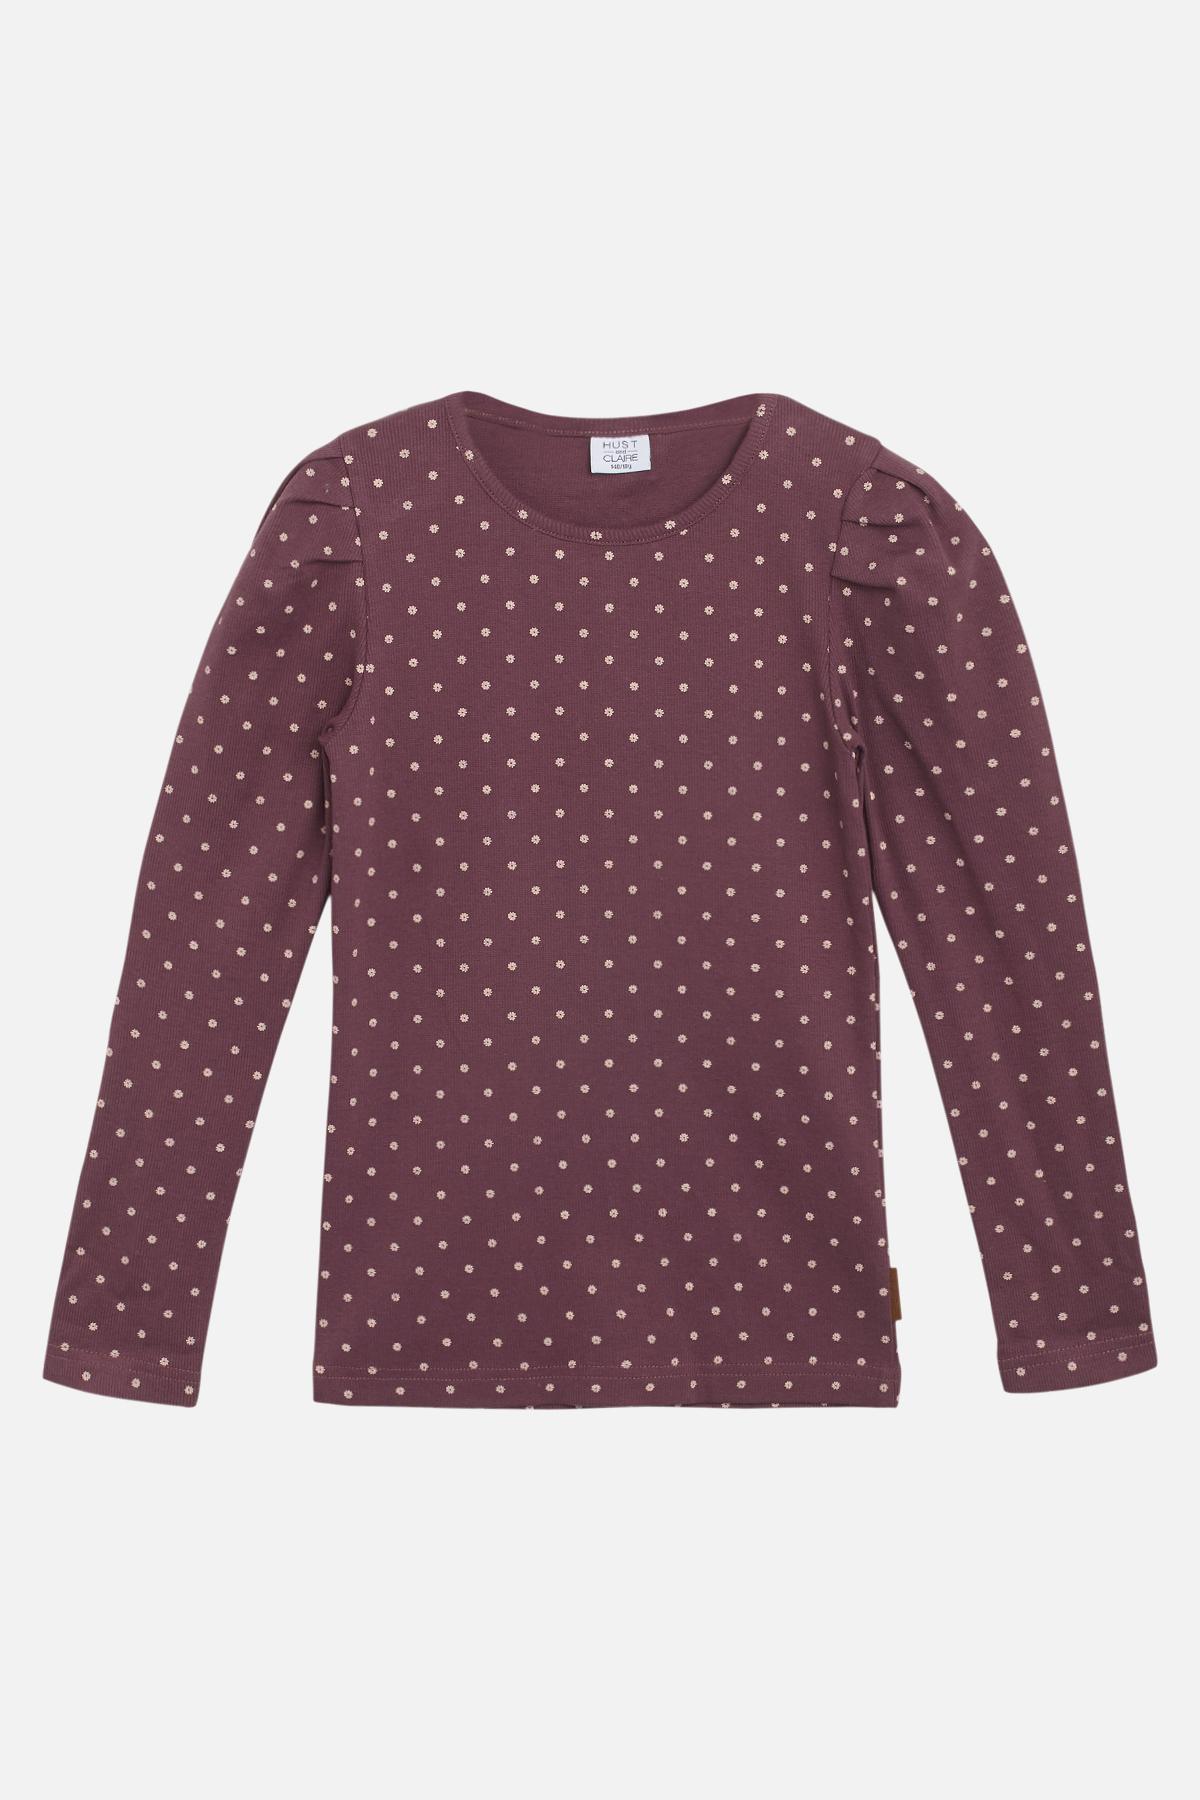 Hust & Claire Afie T-shirt, Plum Wine, 10 år